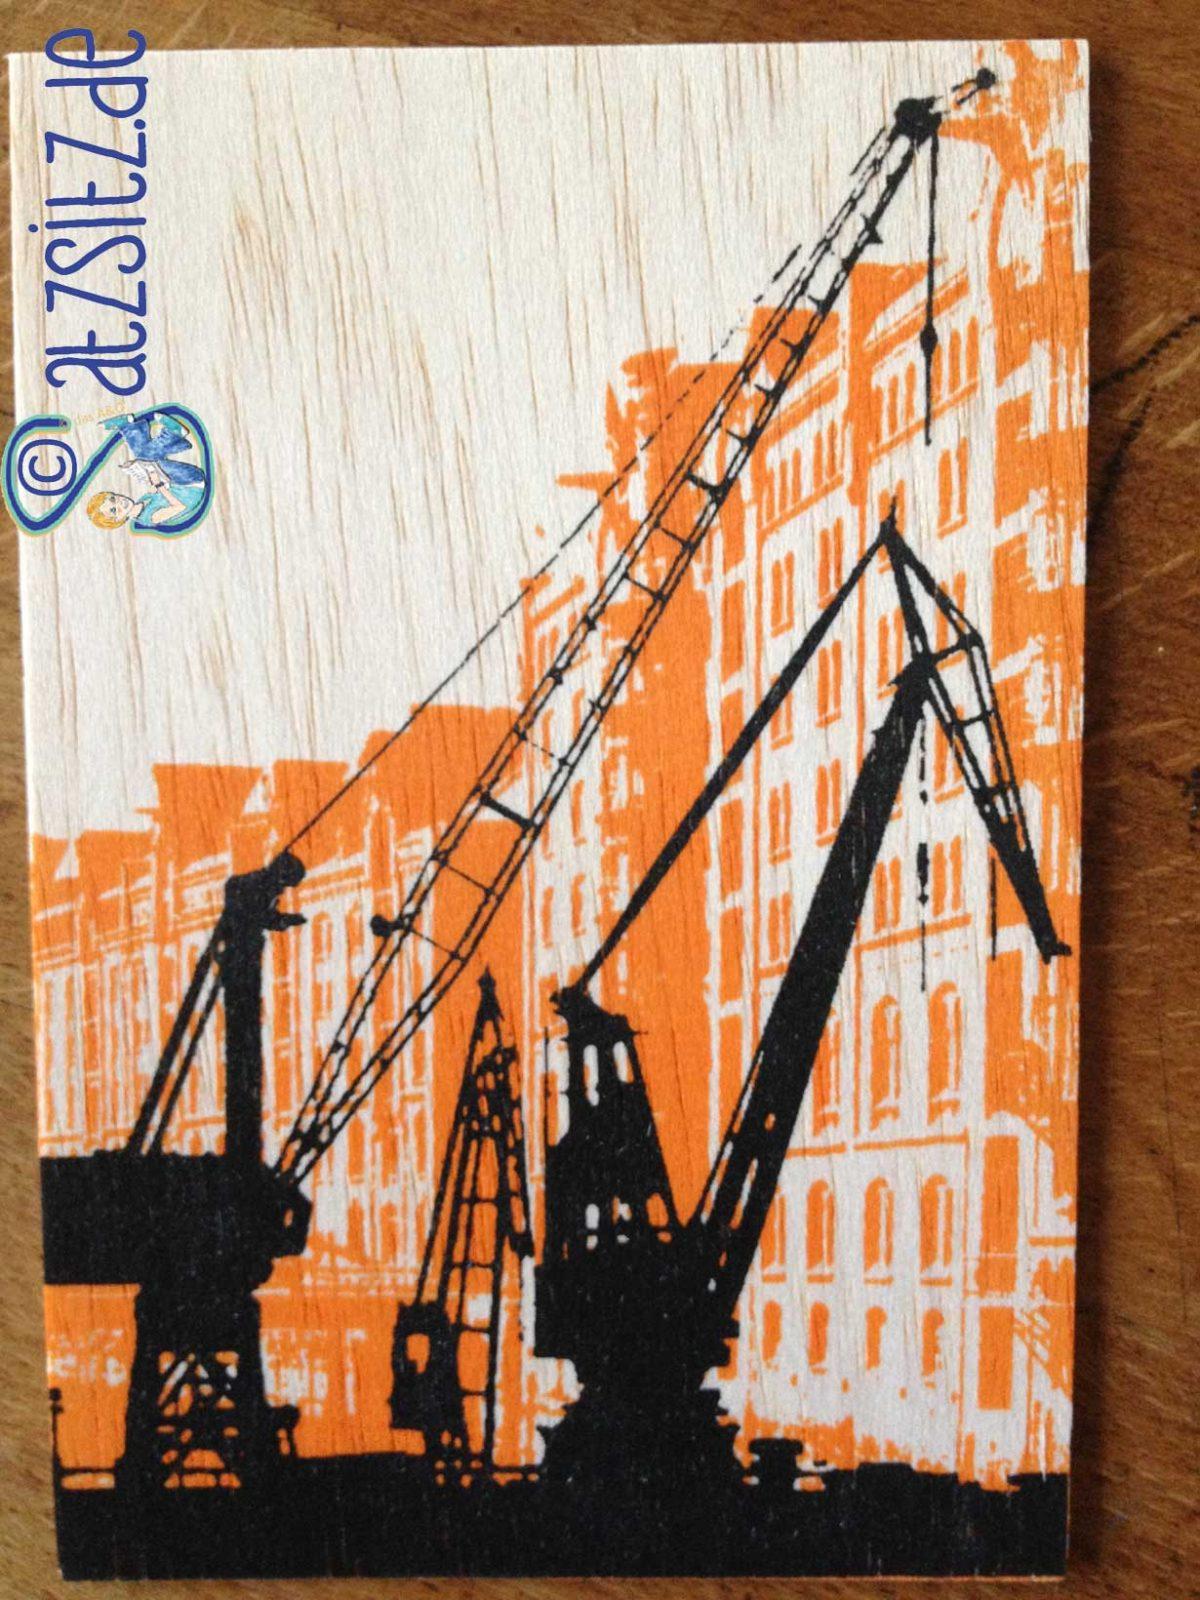 Holzkarte aus Hamburg, die in schwarz-orangen Siebdruck die Speicherstadt mit Kränen zeigt